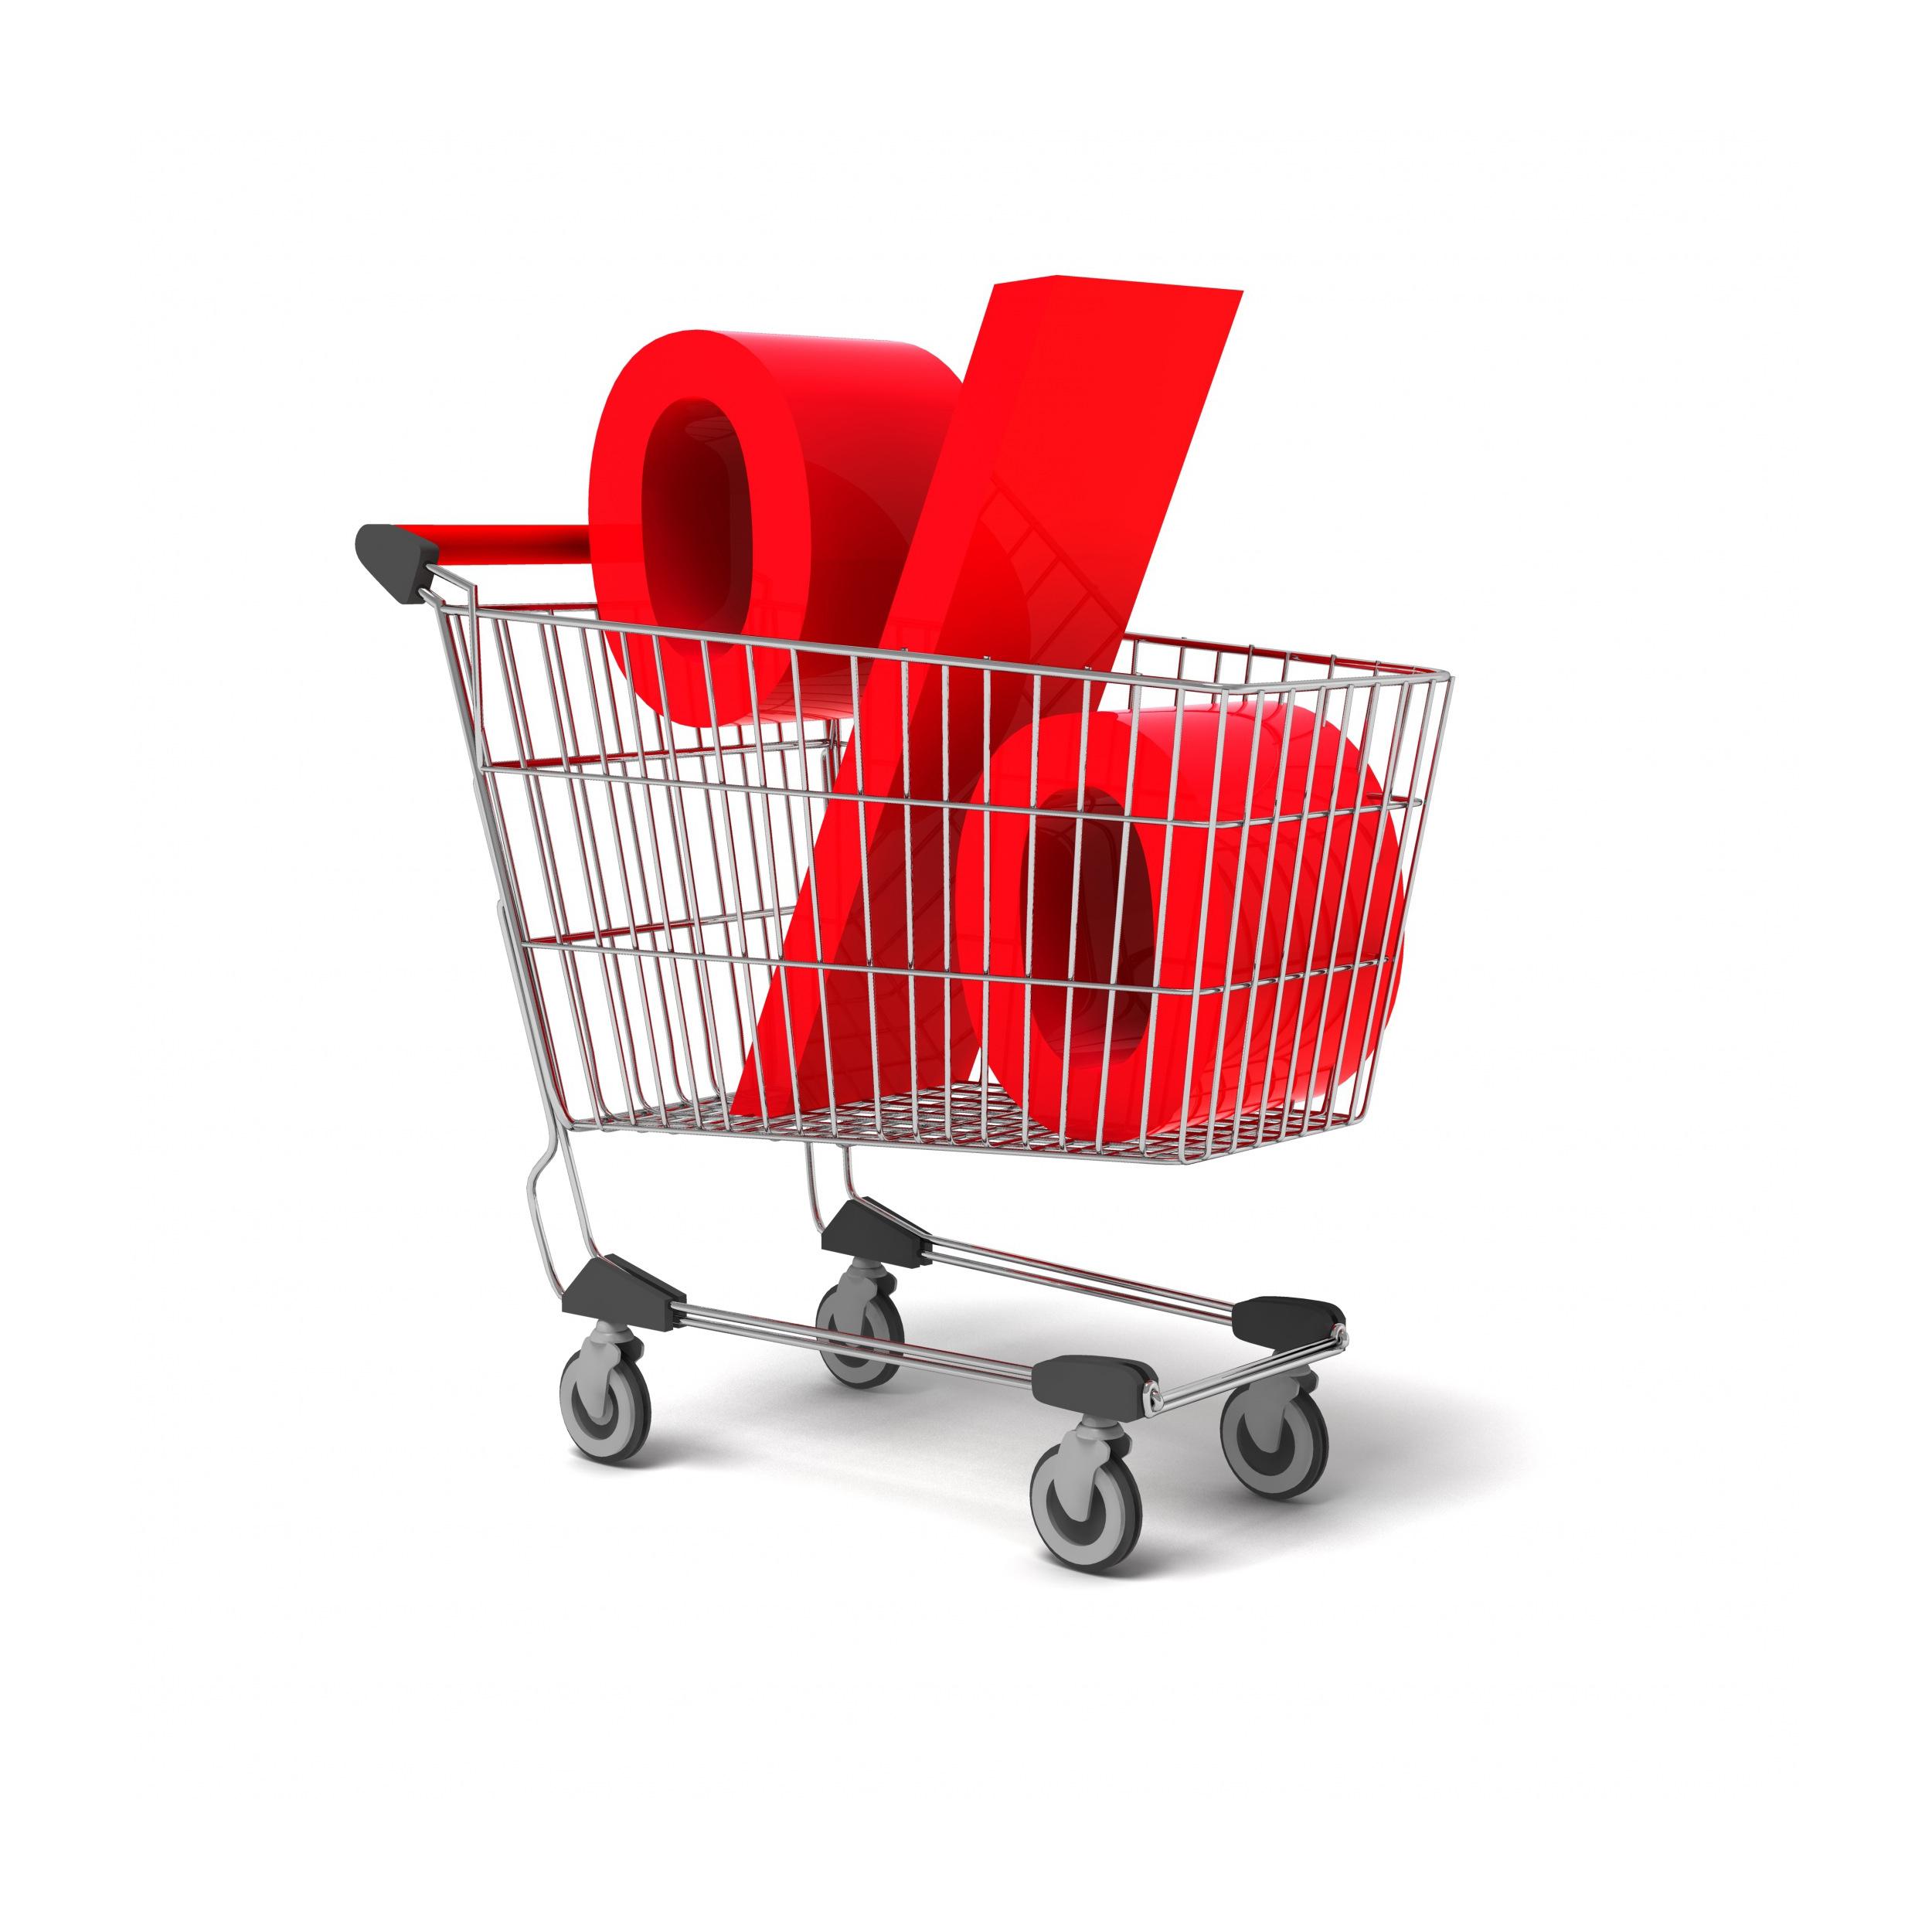 Carrinho de compras porcentagem inflação preços ipca